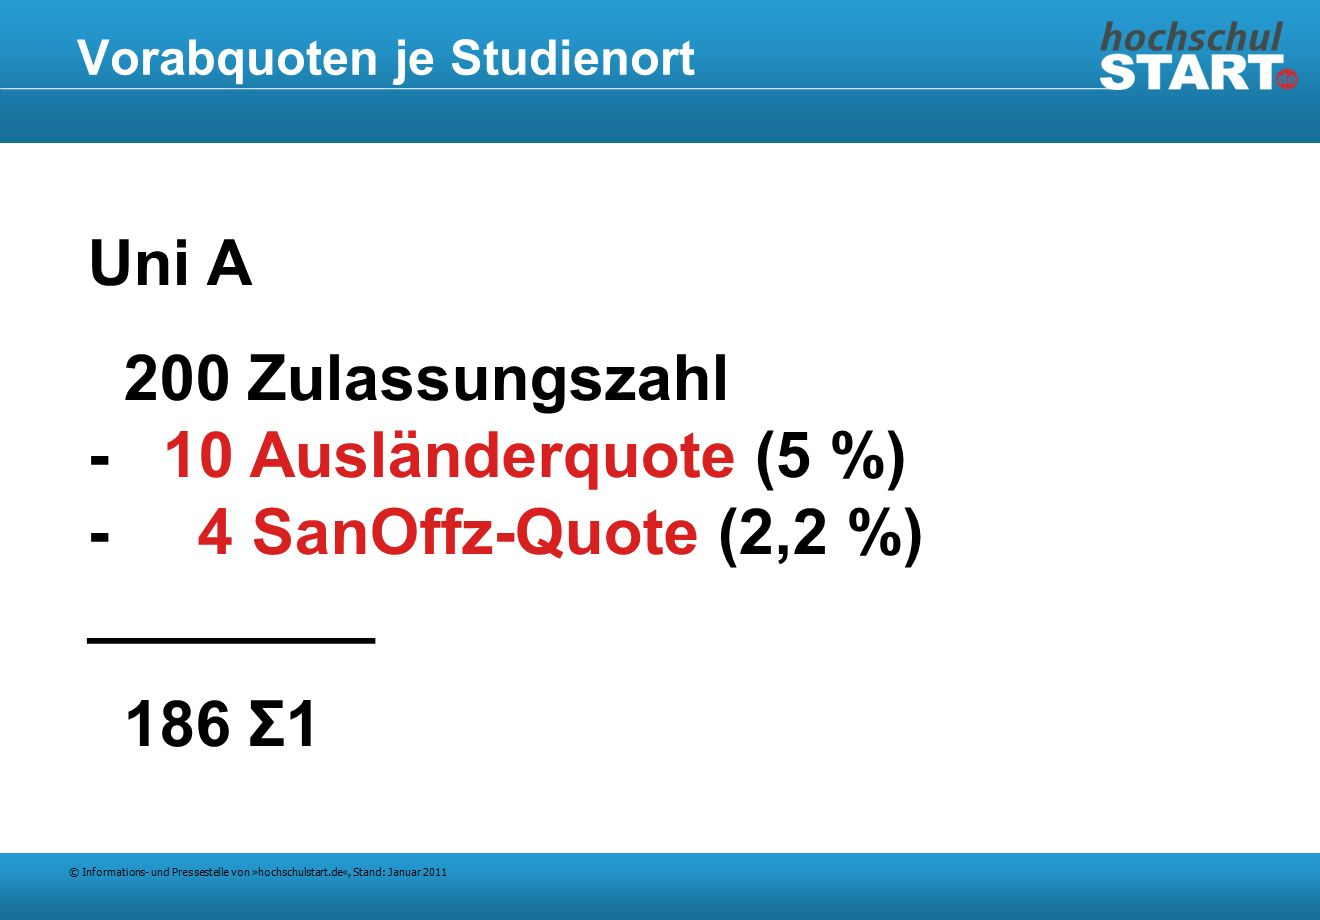 © Informations- und Pressestelle von »hochschulstart.de«, Stand: Januar 2011 Vorabquoten je Studienort Uni A 200 Zulassungszahl - 10 Ausländerquote (5 %) - 4 SanOffz-Quote (2,2 %) ________ 186 Σ1